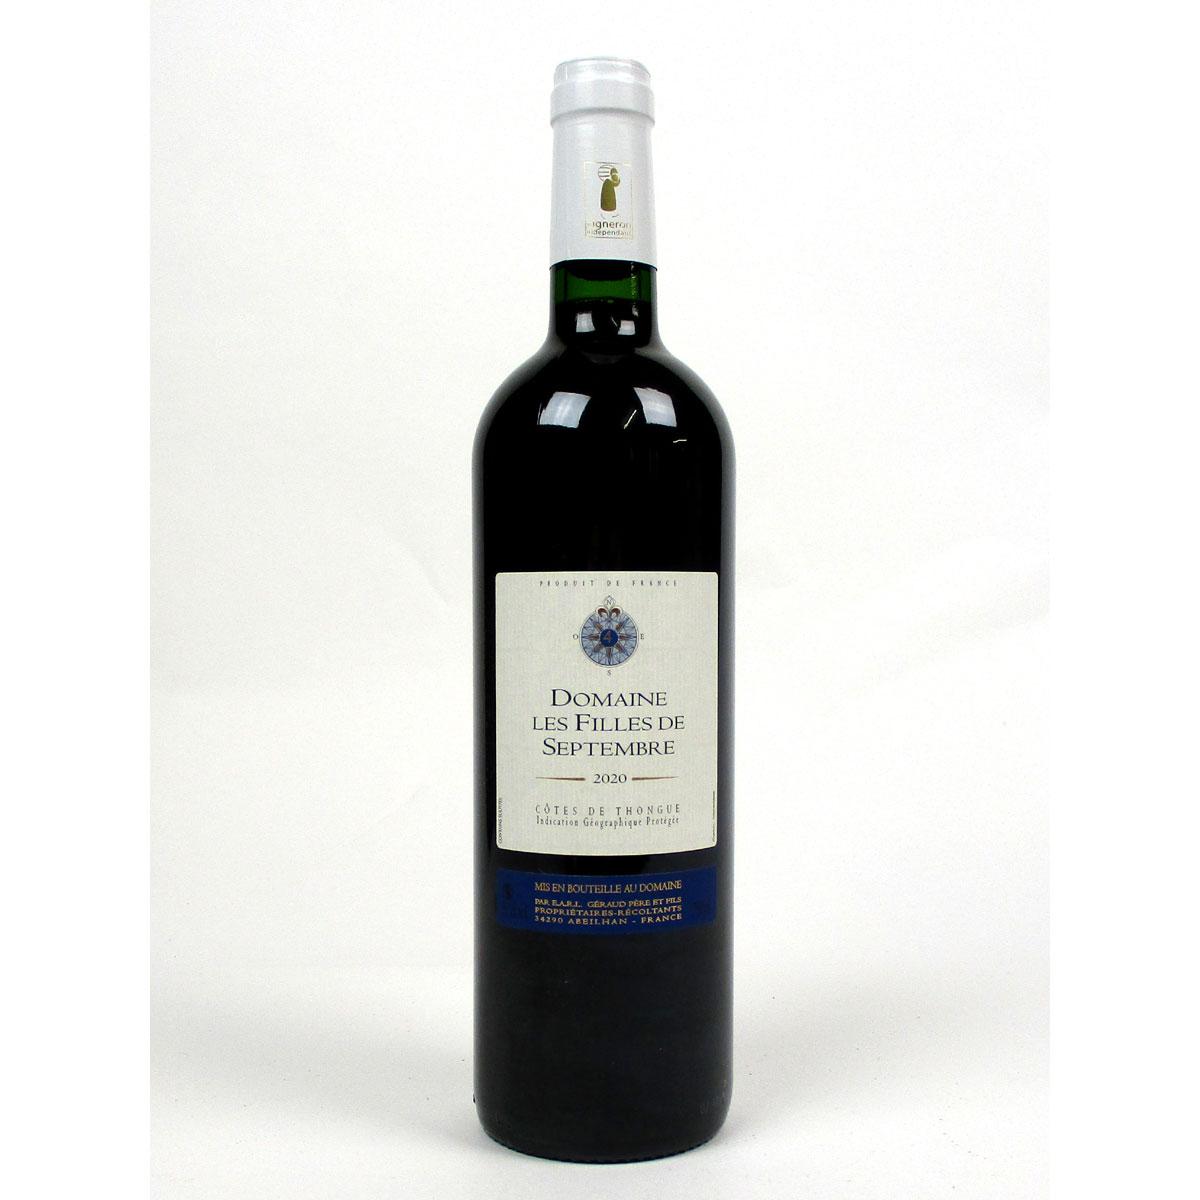 Côtes de Thongue: Domaine Les Filles de Septembre 'Tradition' 2020 - Bottle